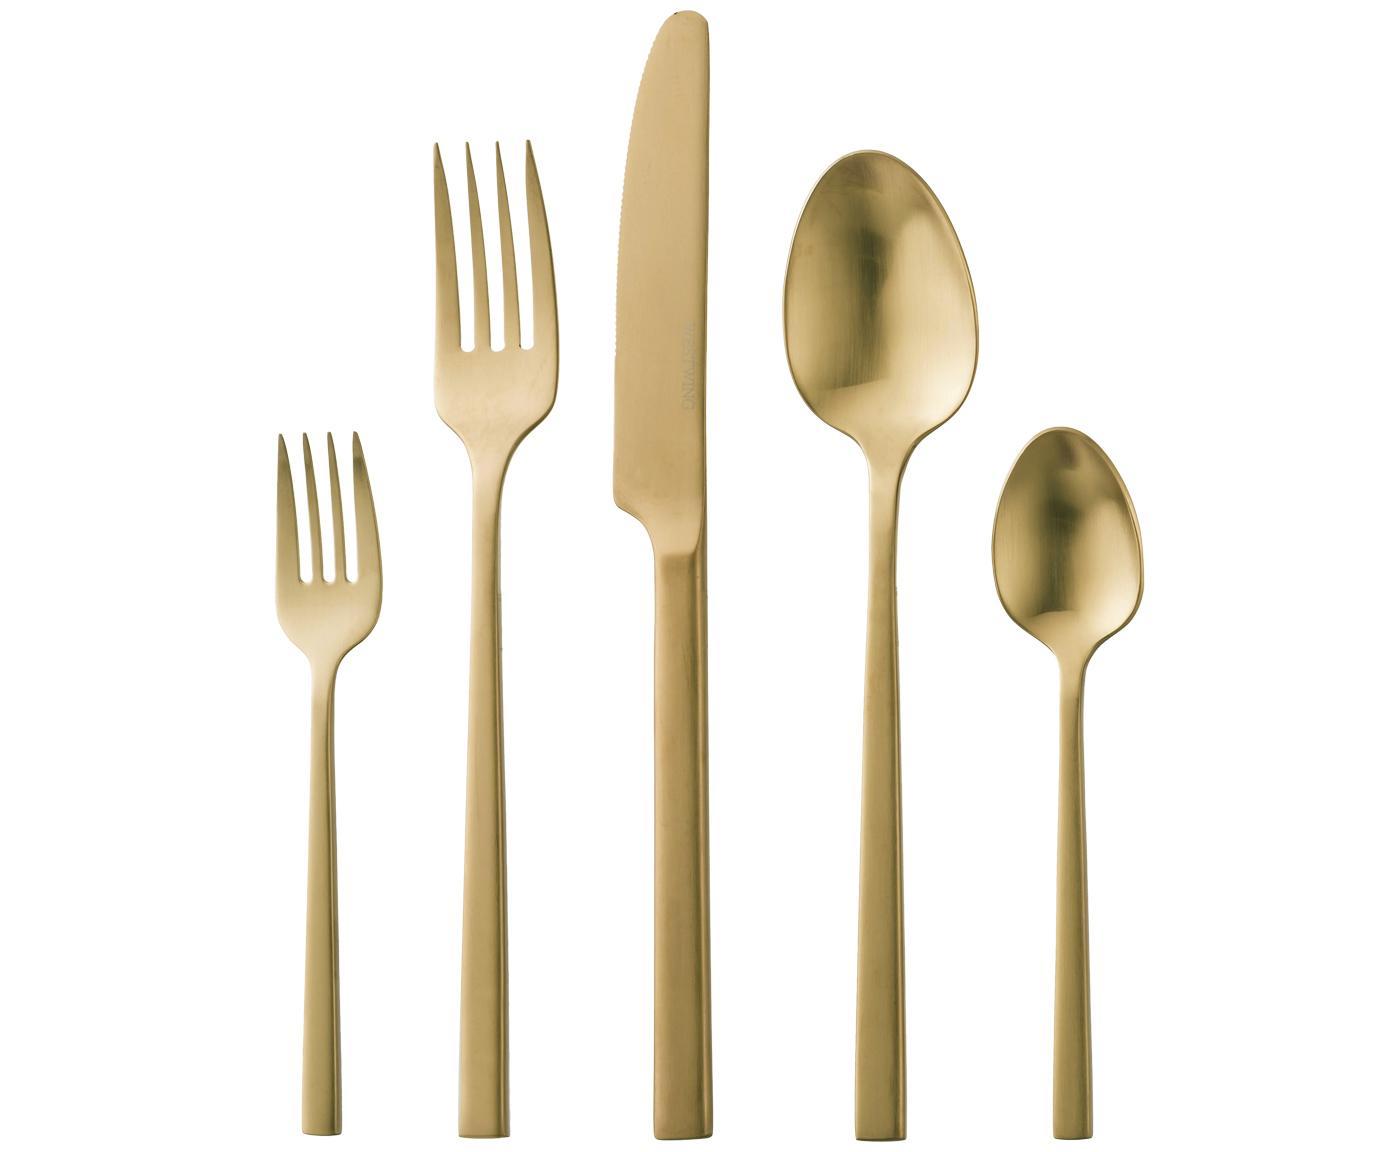 Sada zlatých příborů znerezové oceli Shine, v různých velikostech, Zlatá